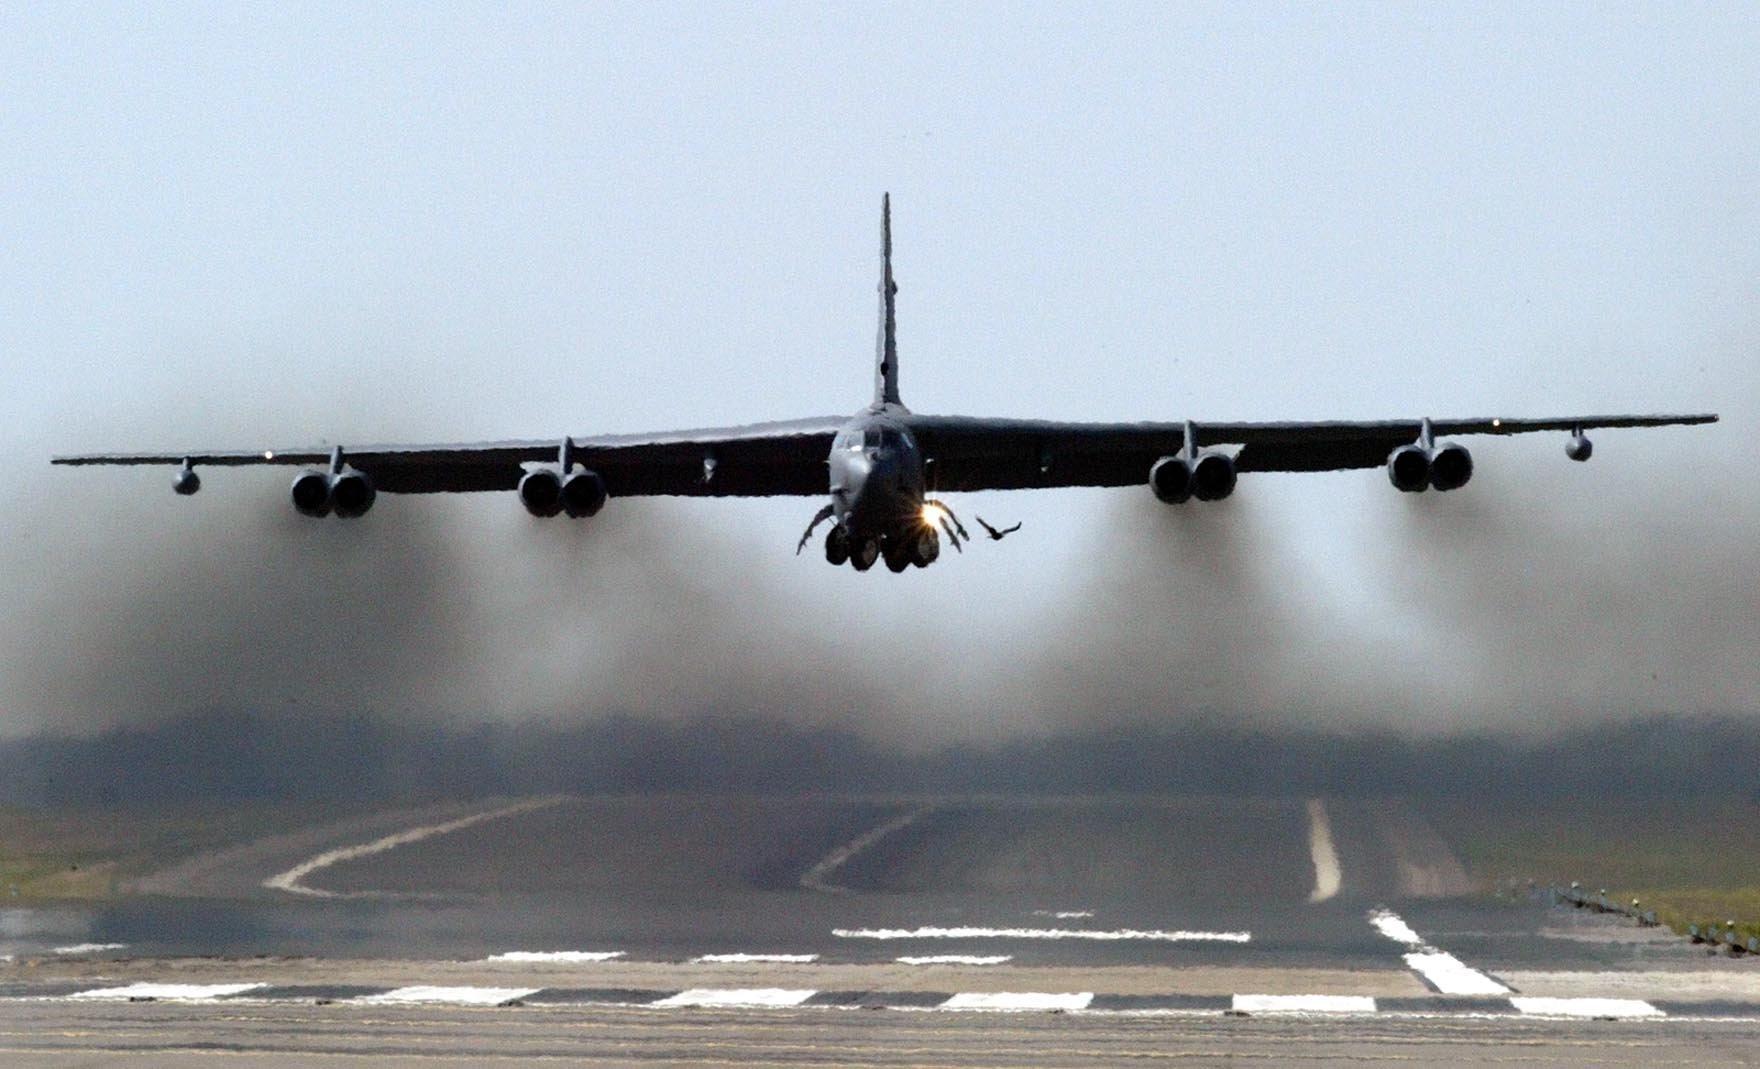 美军B-52轰炸机不再装备核炸弹 战斗力反而大增?